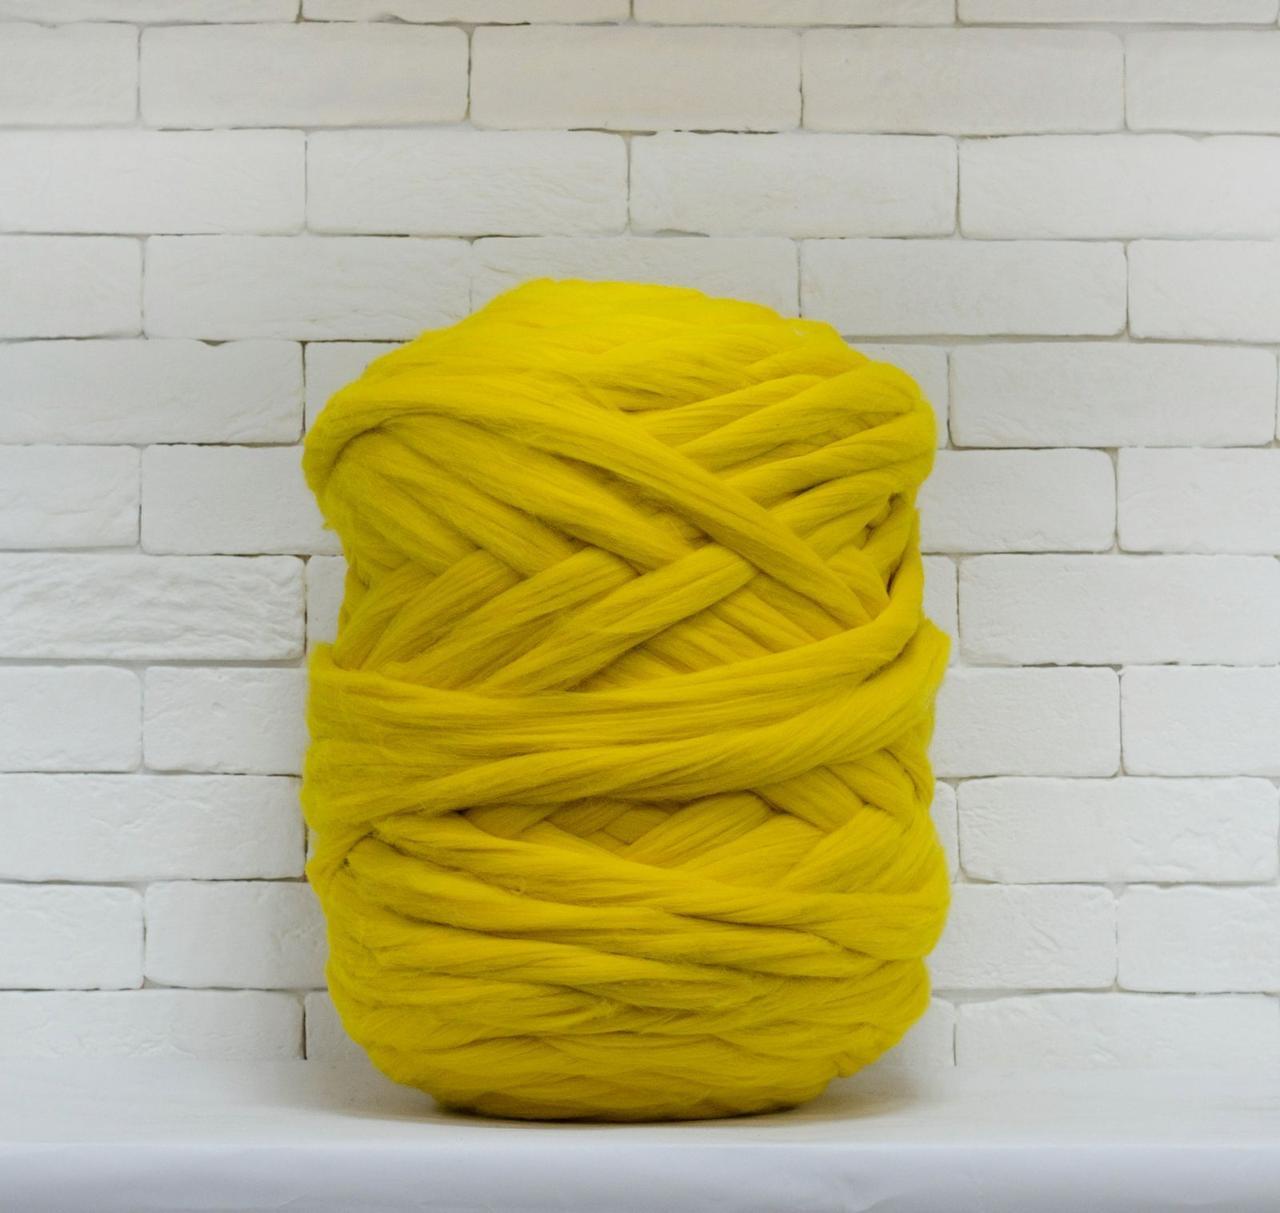 Толстая, крупная пряжа 100% шерсть 1кг (40м). Цвет: Лимонный. 28 мкрн. Топс. Лента для пледов